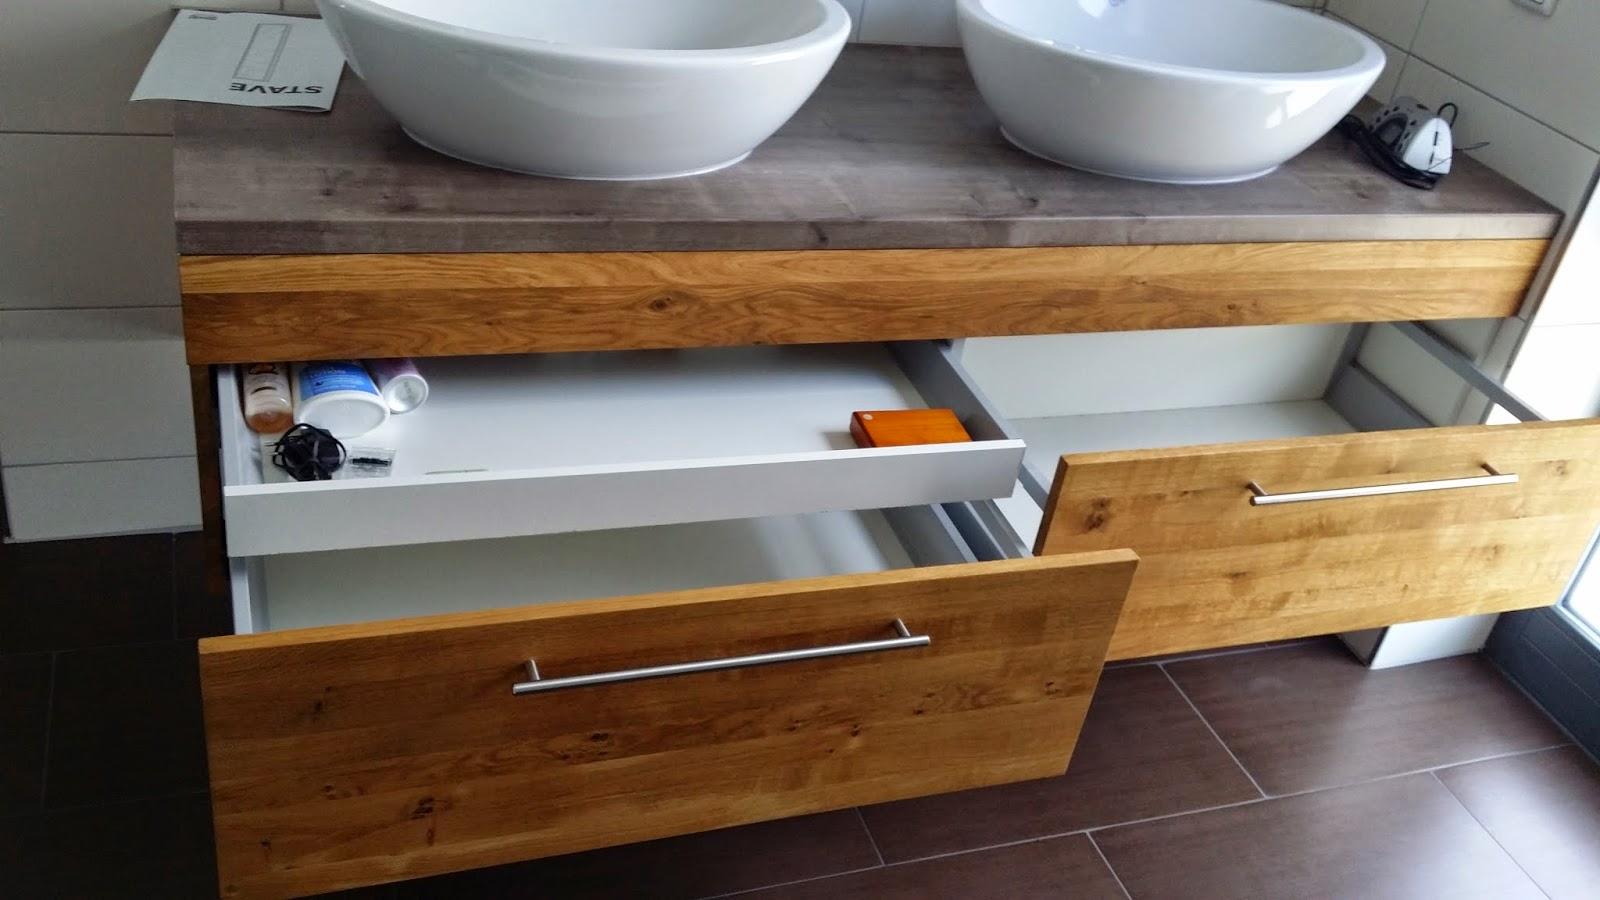 Waschtisch selber bauen arbeitsplatte  Waschtisch Selber Machen #KI99 - Kyushucon